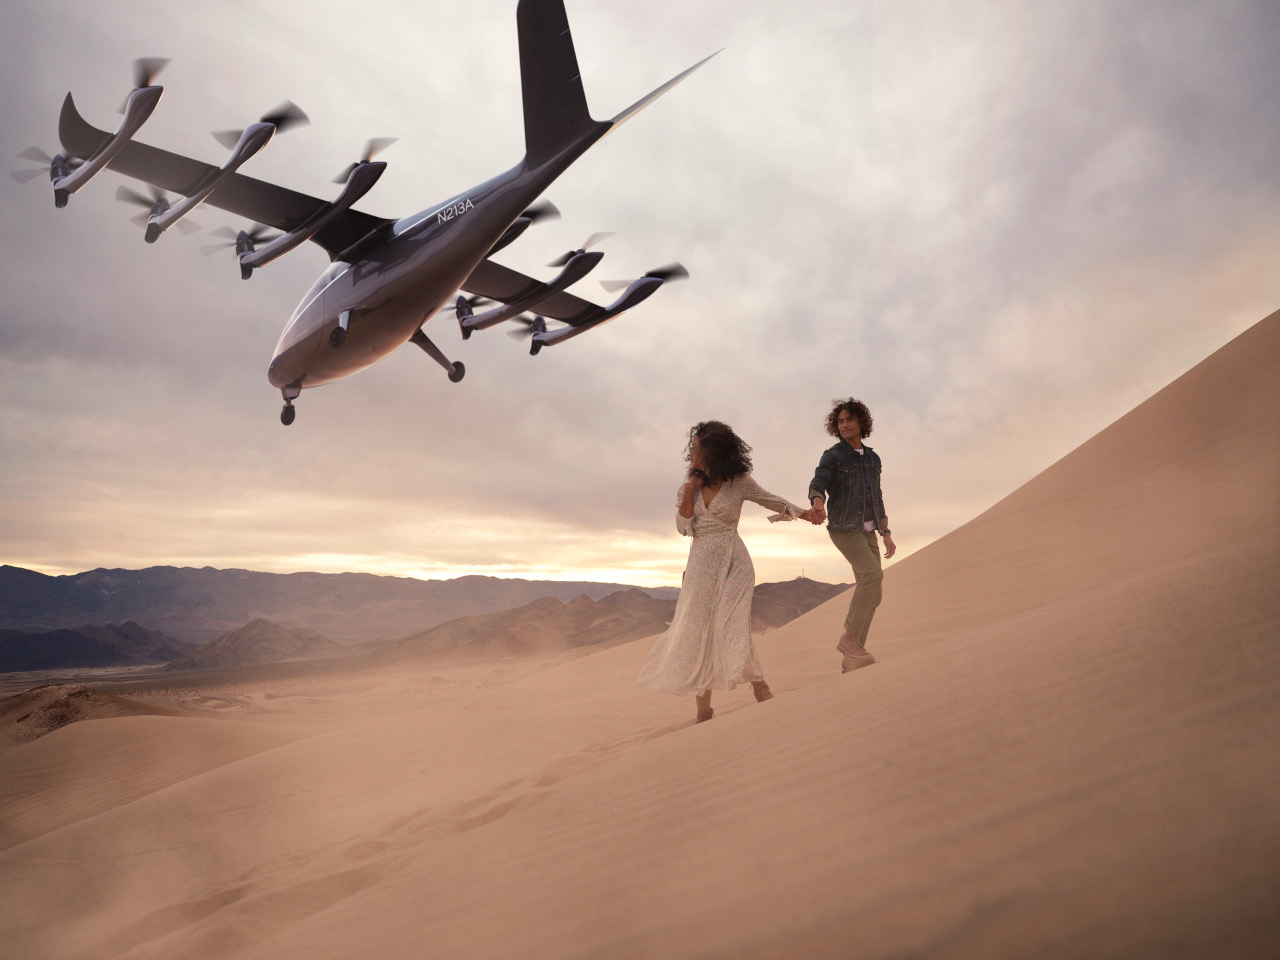 Para decolar, carros voadores precisam de certificação de autoridades da aviação. (Fonte: Archer/Divulgação)